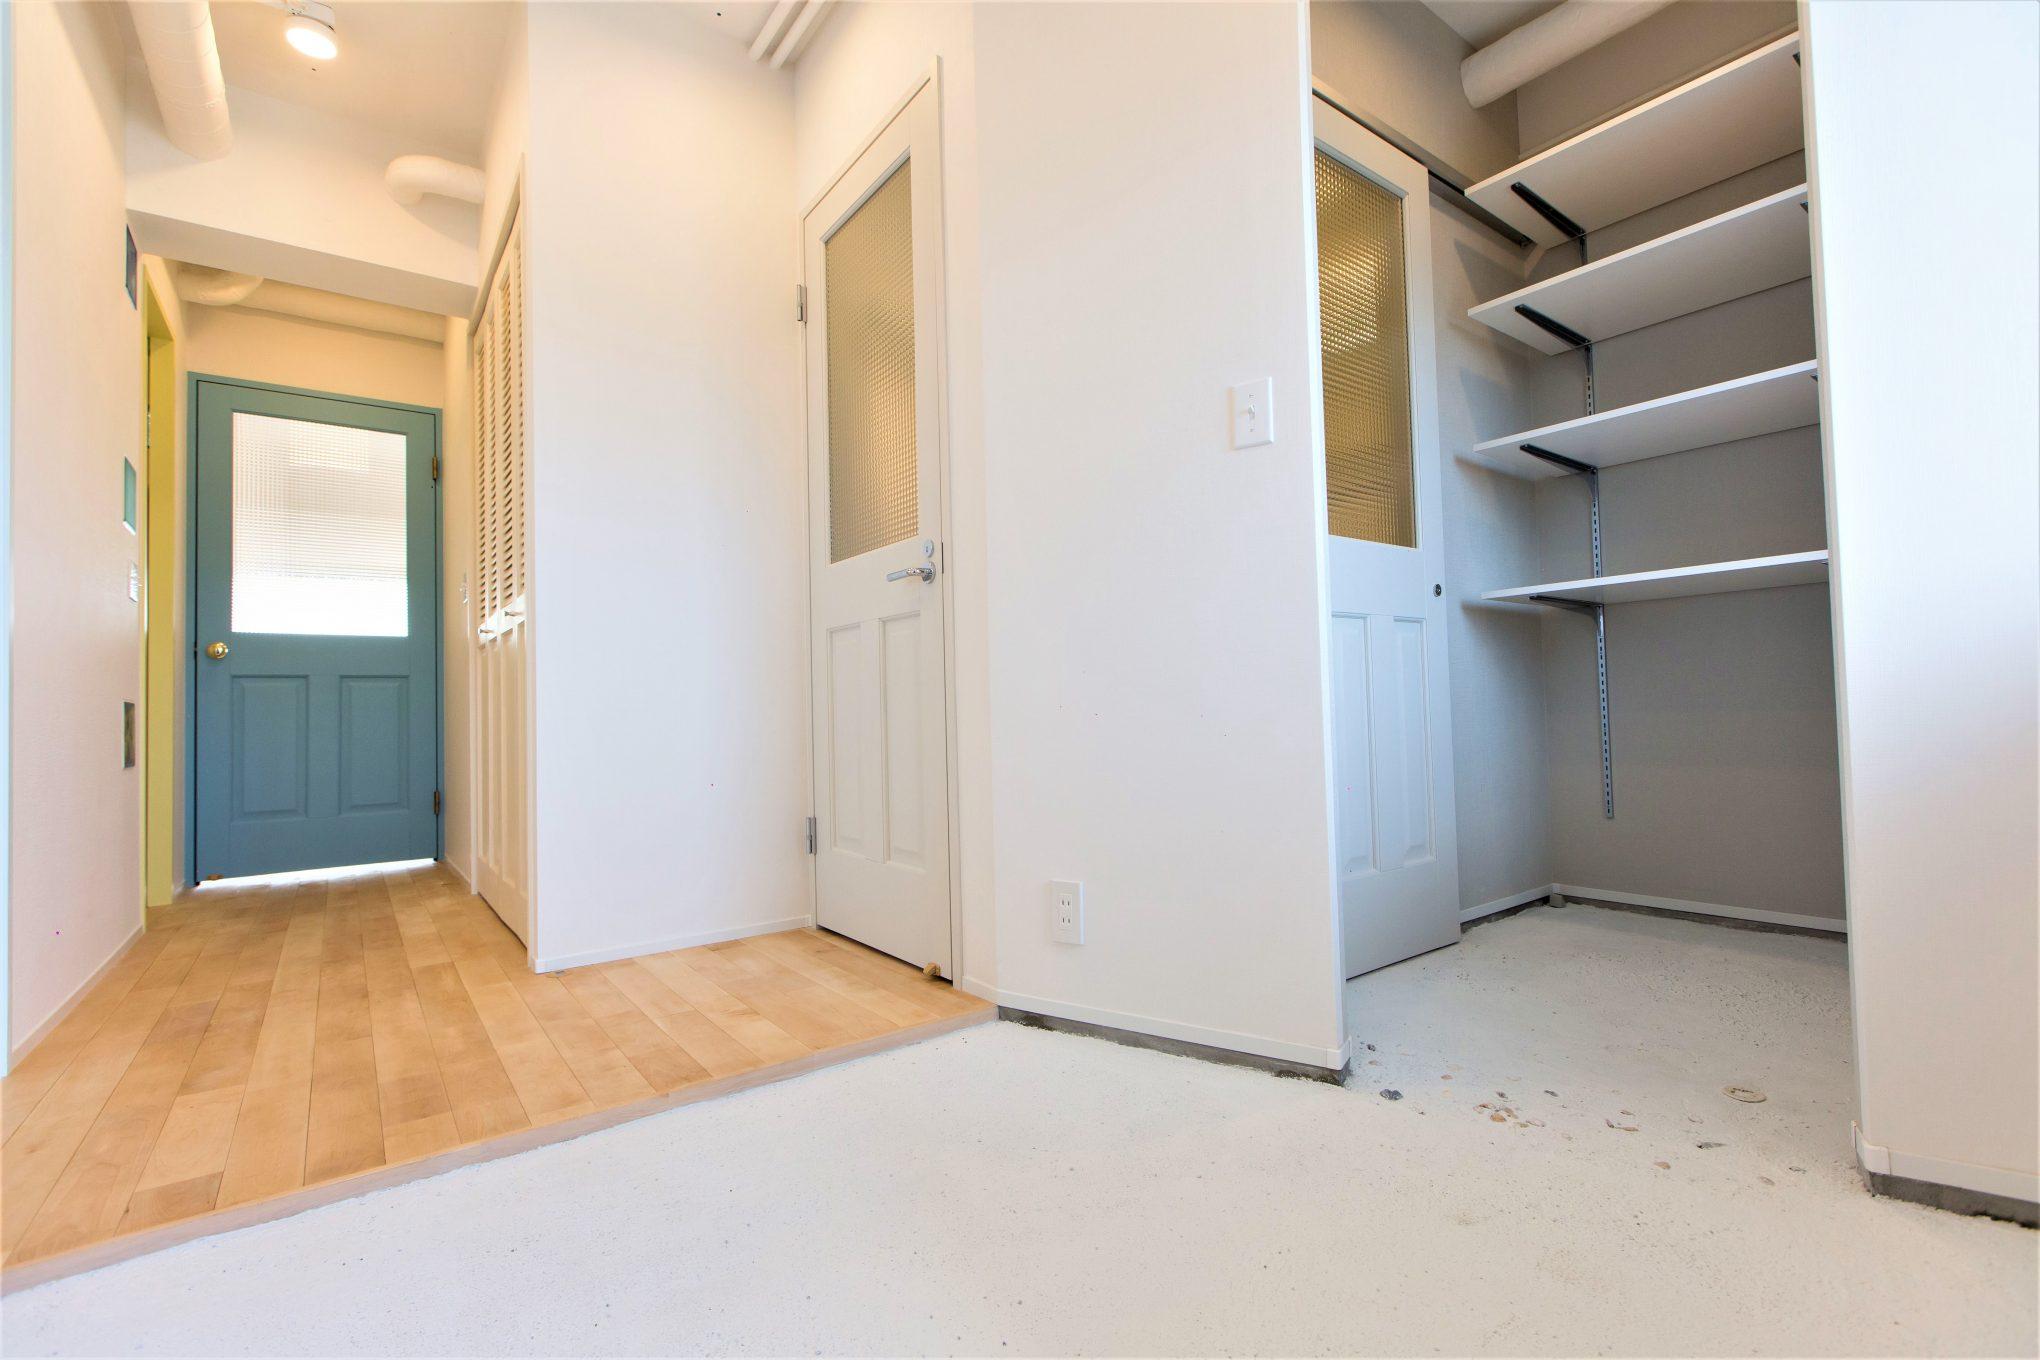 サーフボードを持って出入りする為、玄関は広めに設計